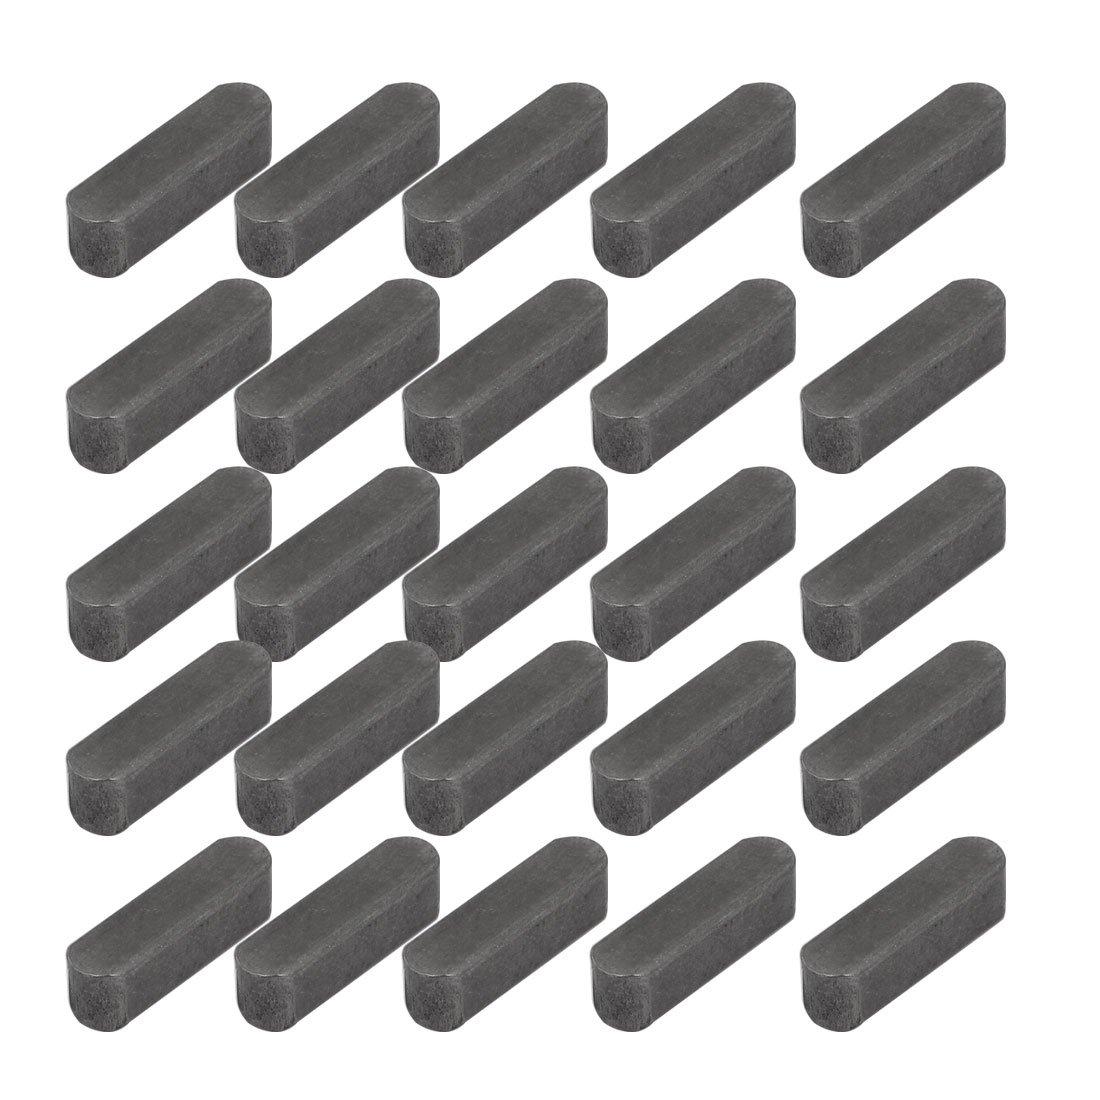 uxcell 22mmx6mmx6mm Carbon Steel Key Stock Keystock Gray 25pcs